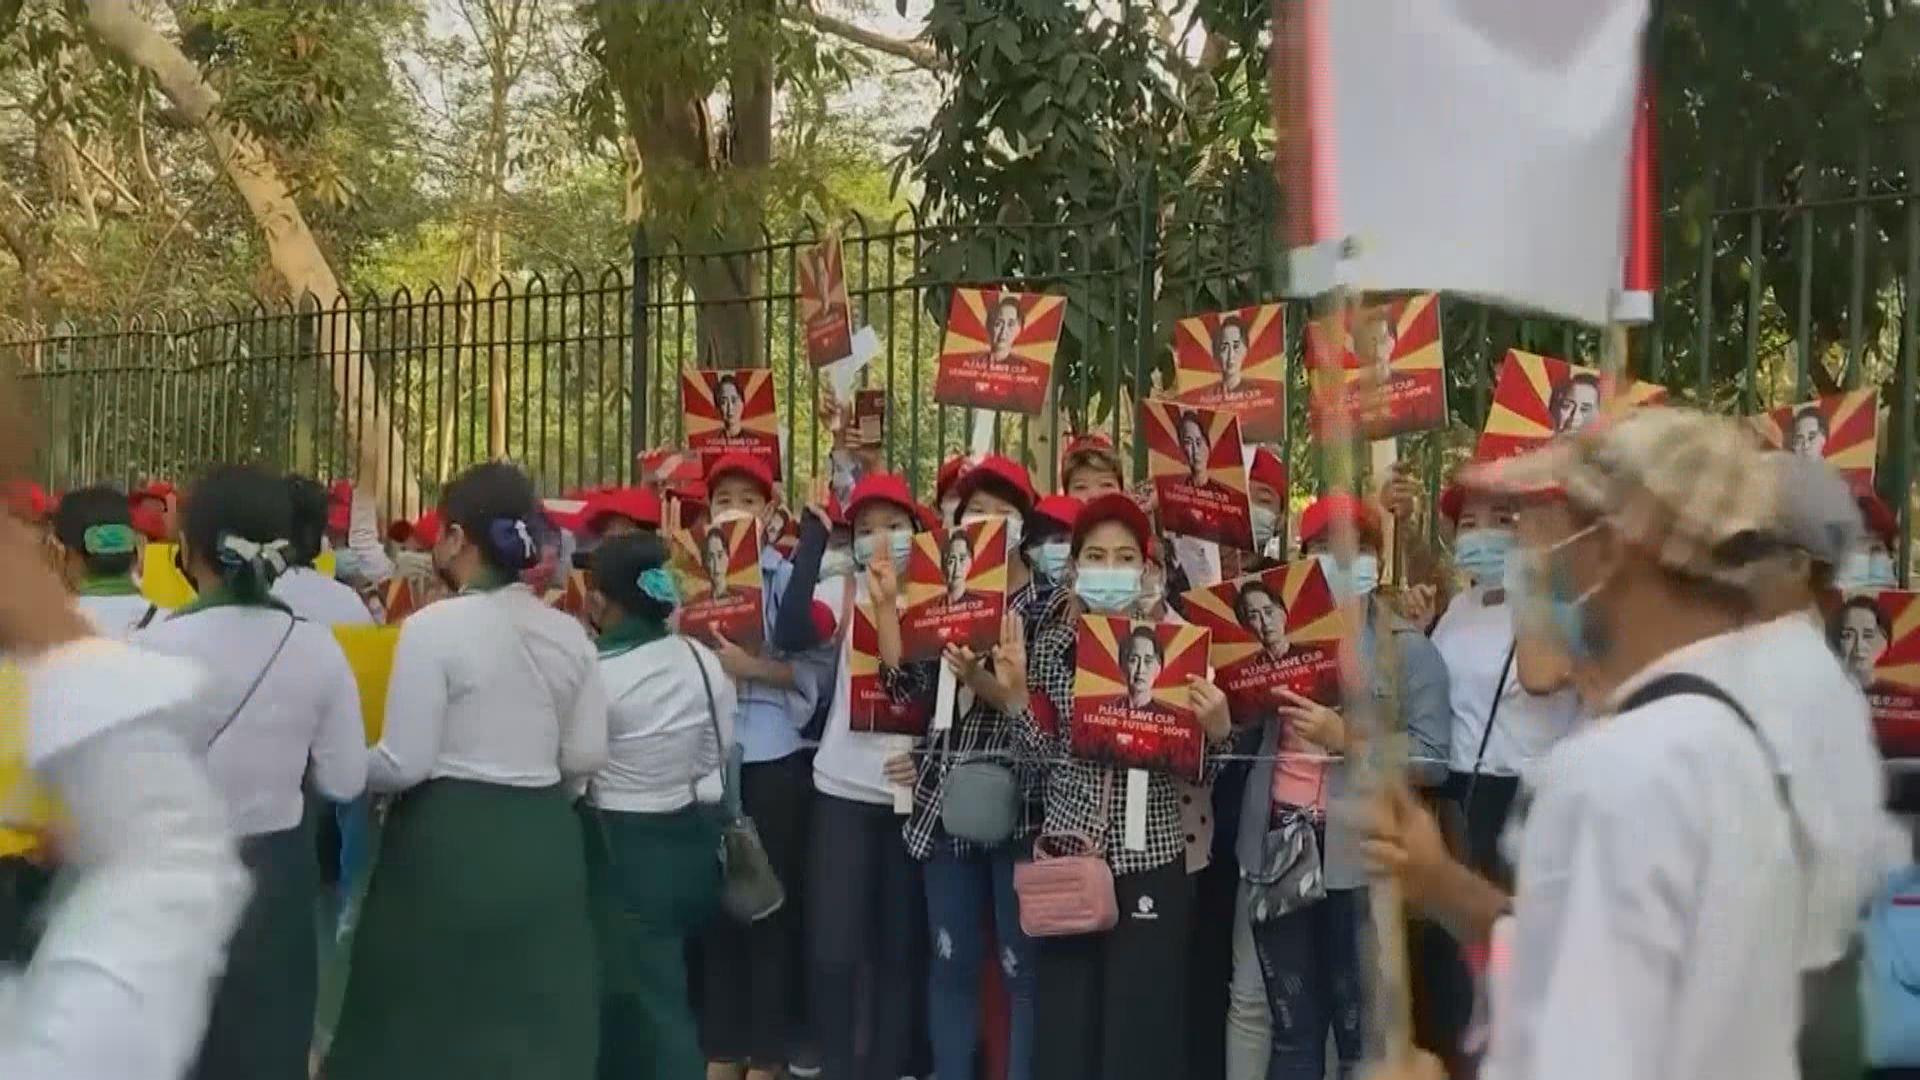 緬甸示威持續 團體號召全國罷工揚言掀「春天革命」